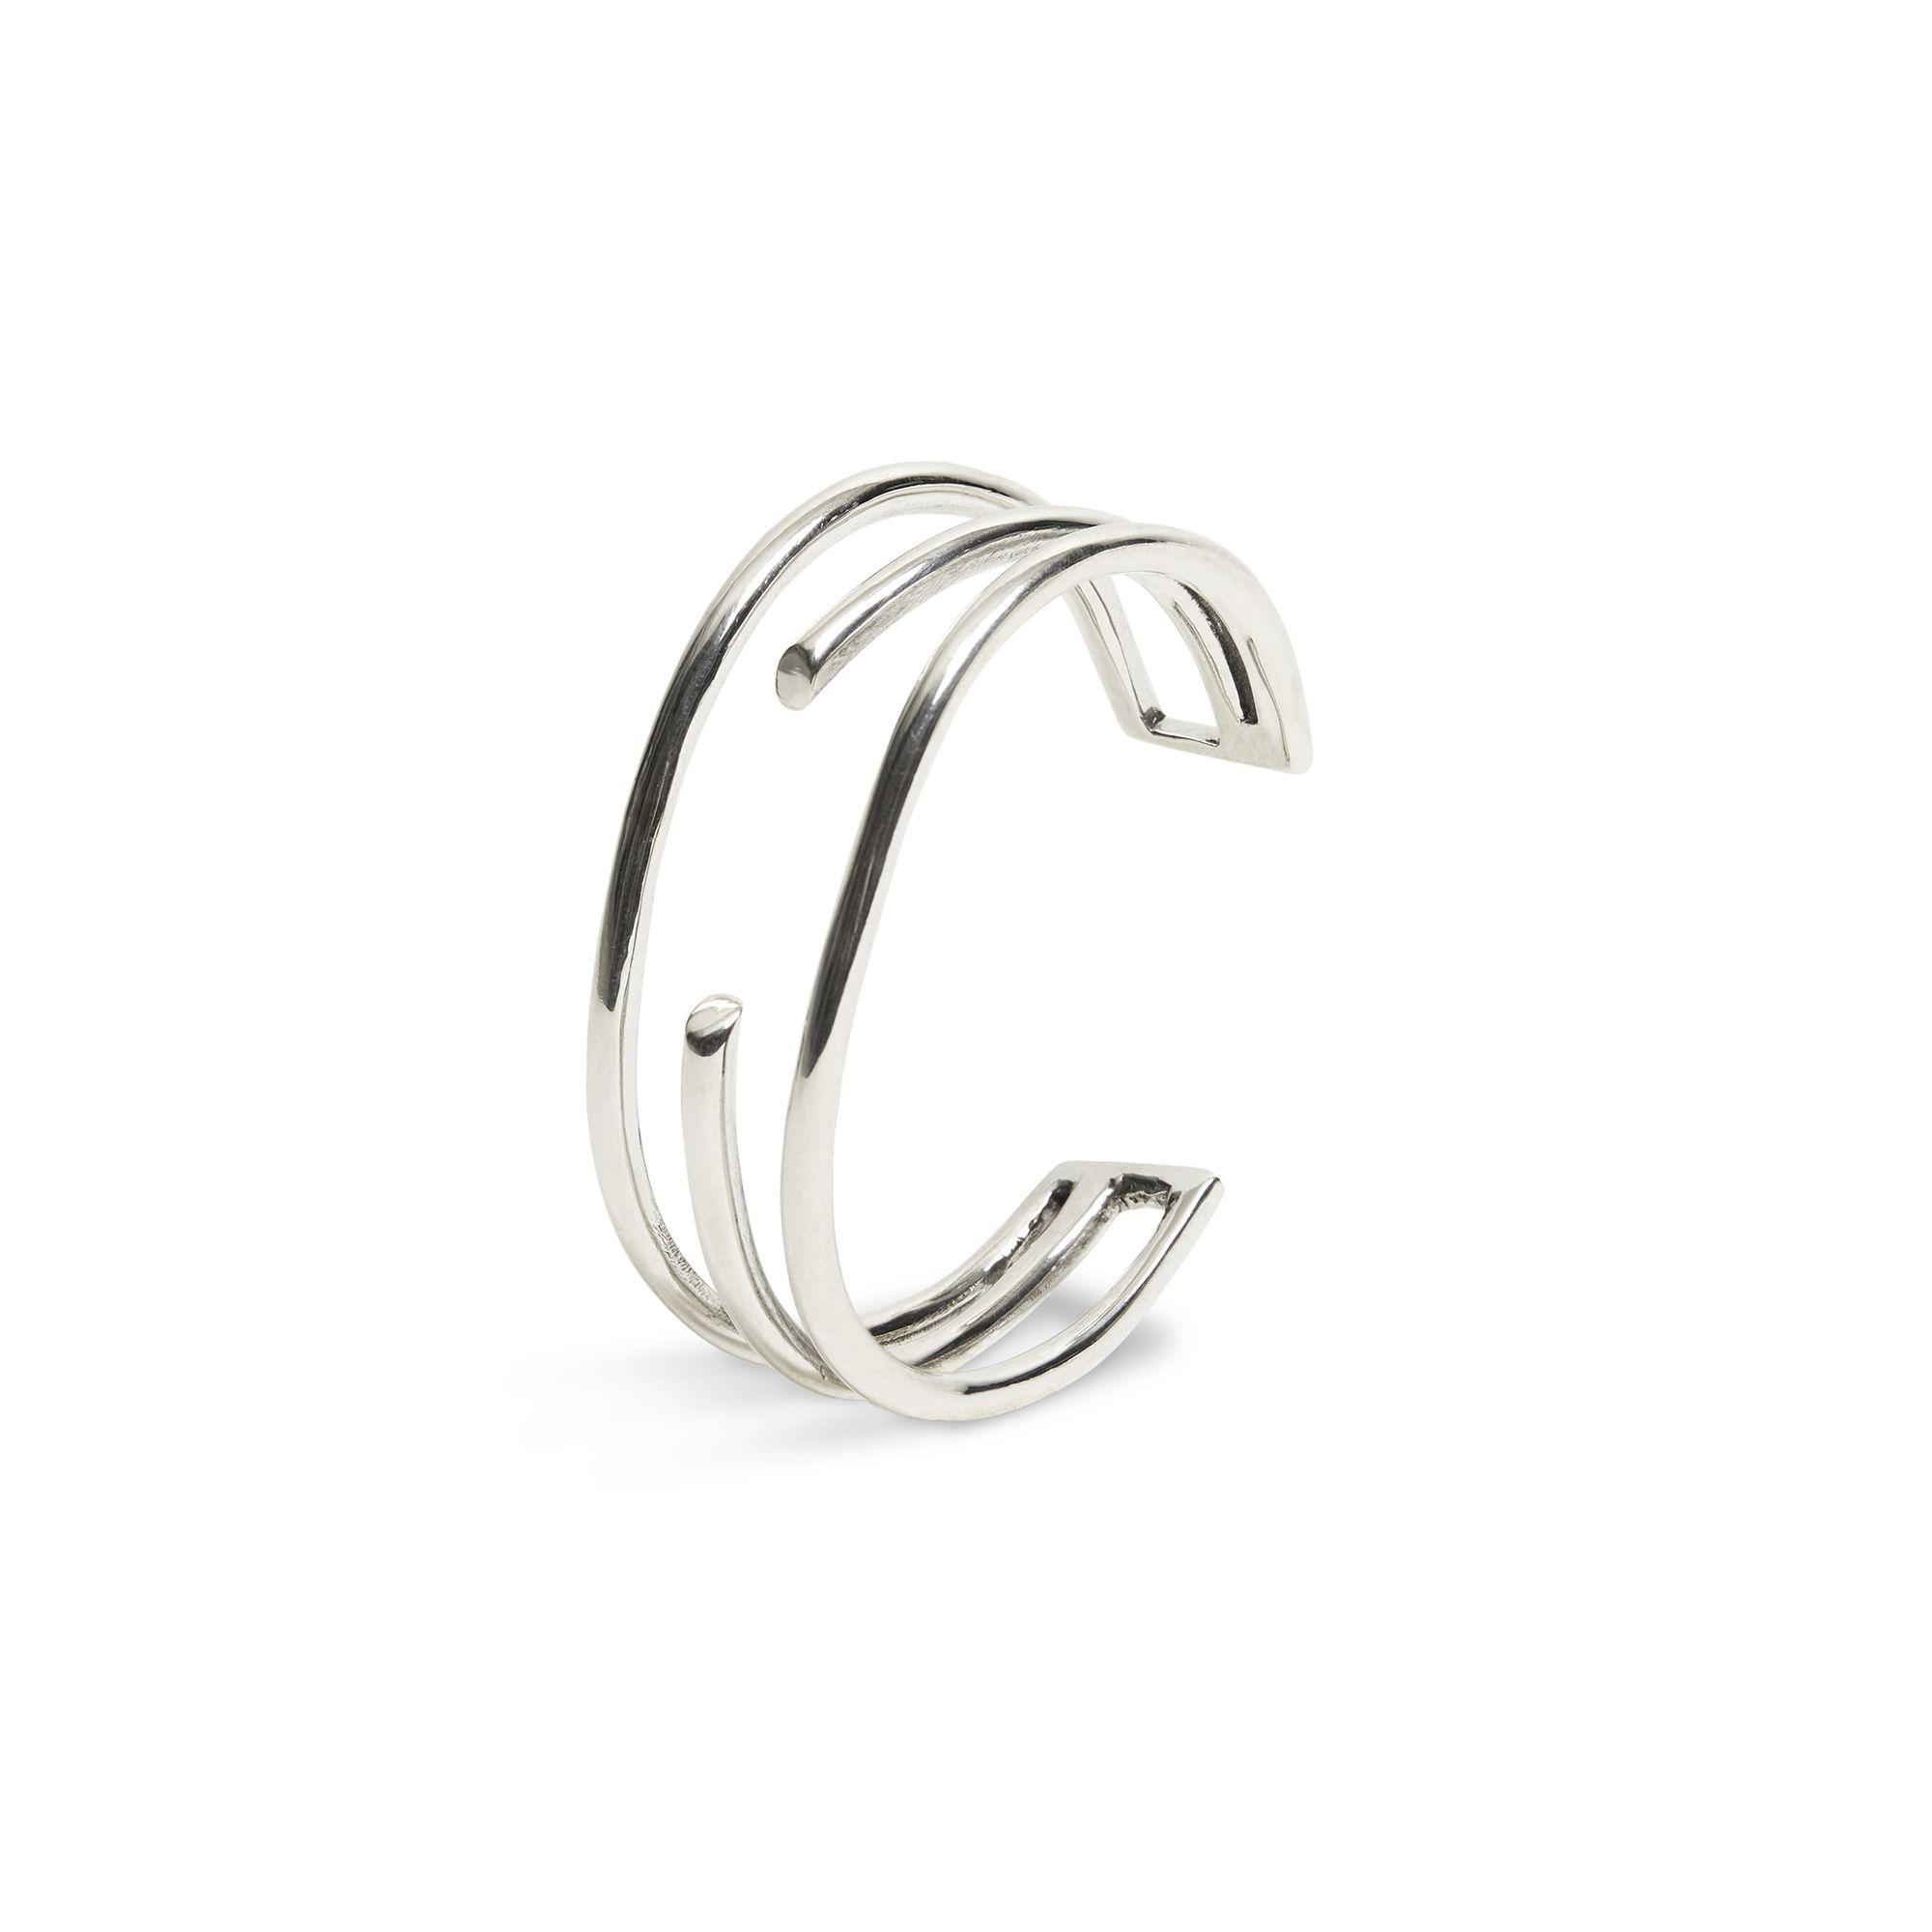 3 element 'Neon' bracelet Bracelet in silver